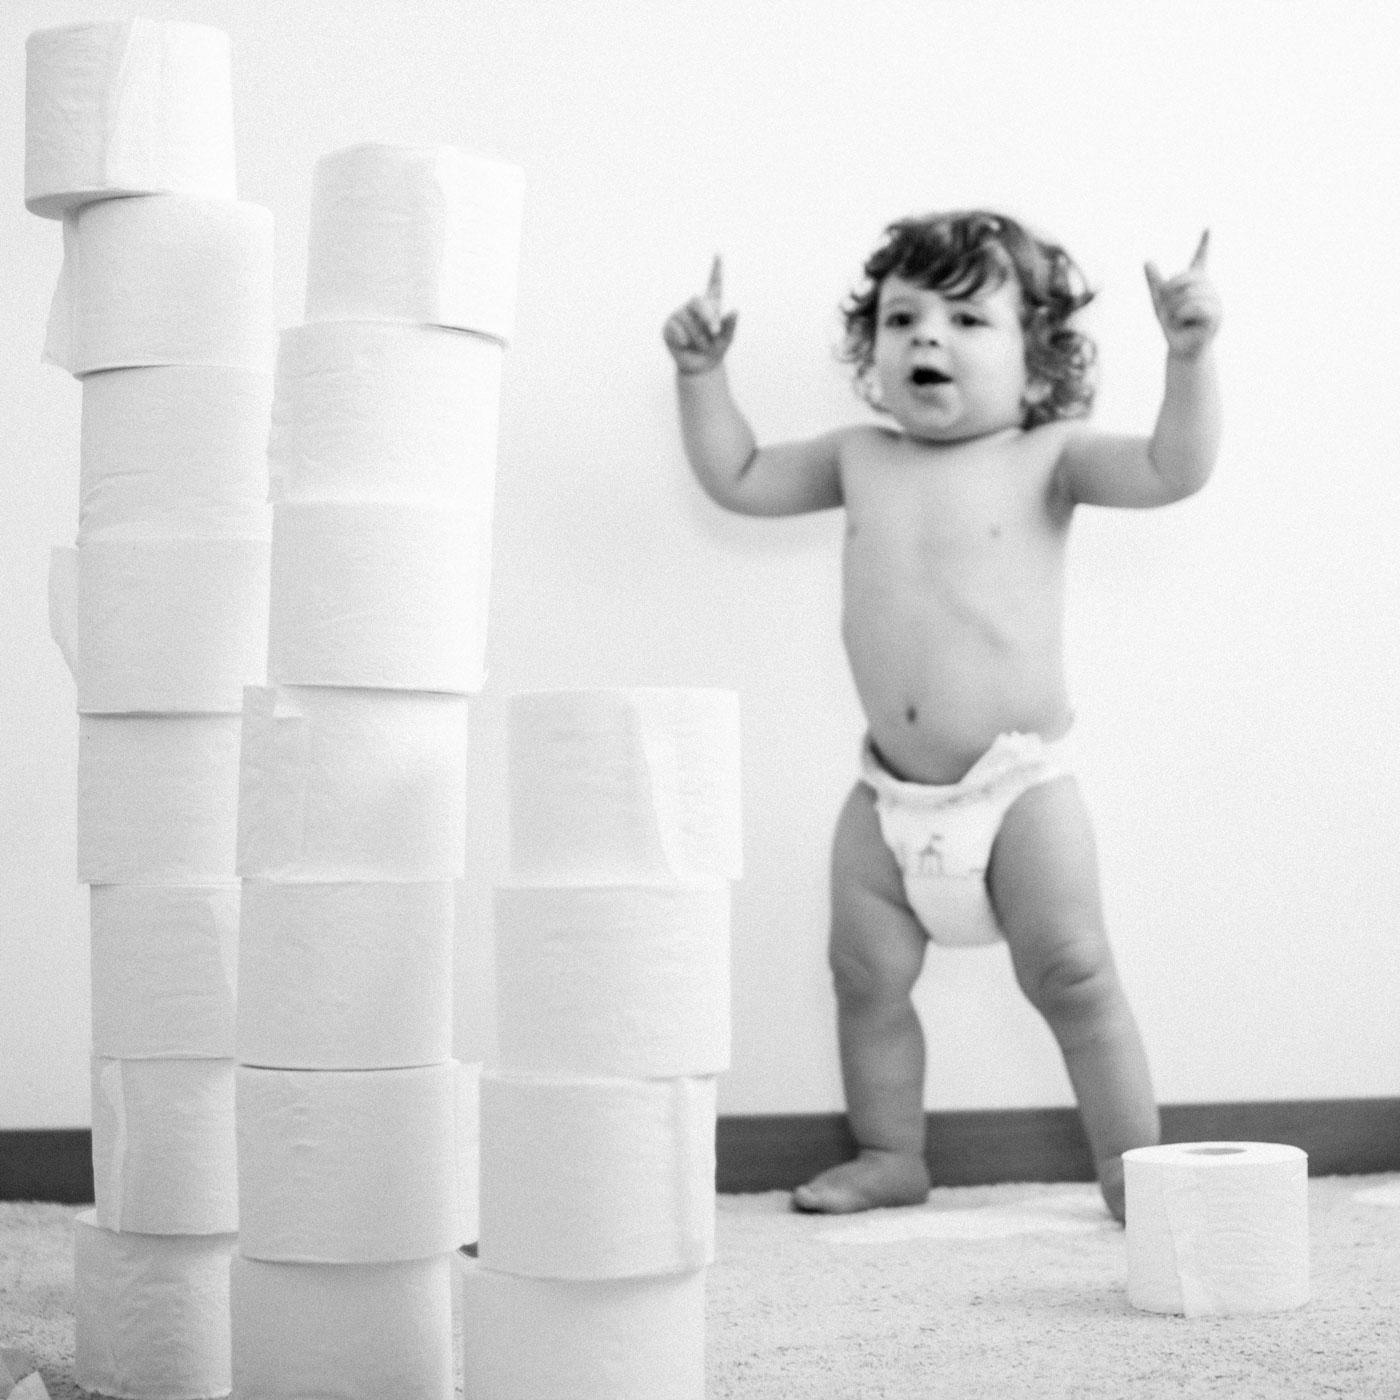 bebe jugando con una torre de papel higienico